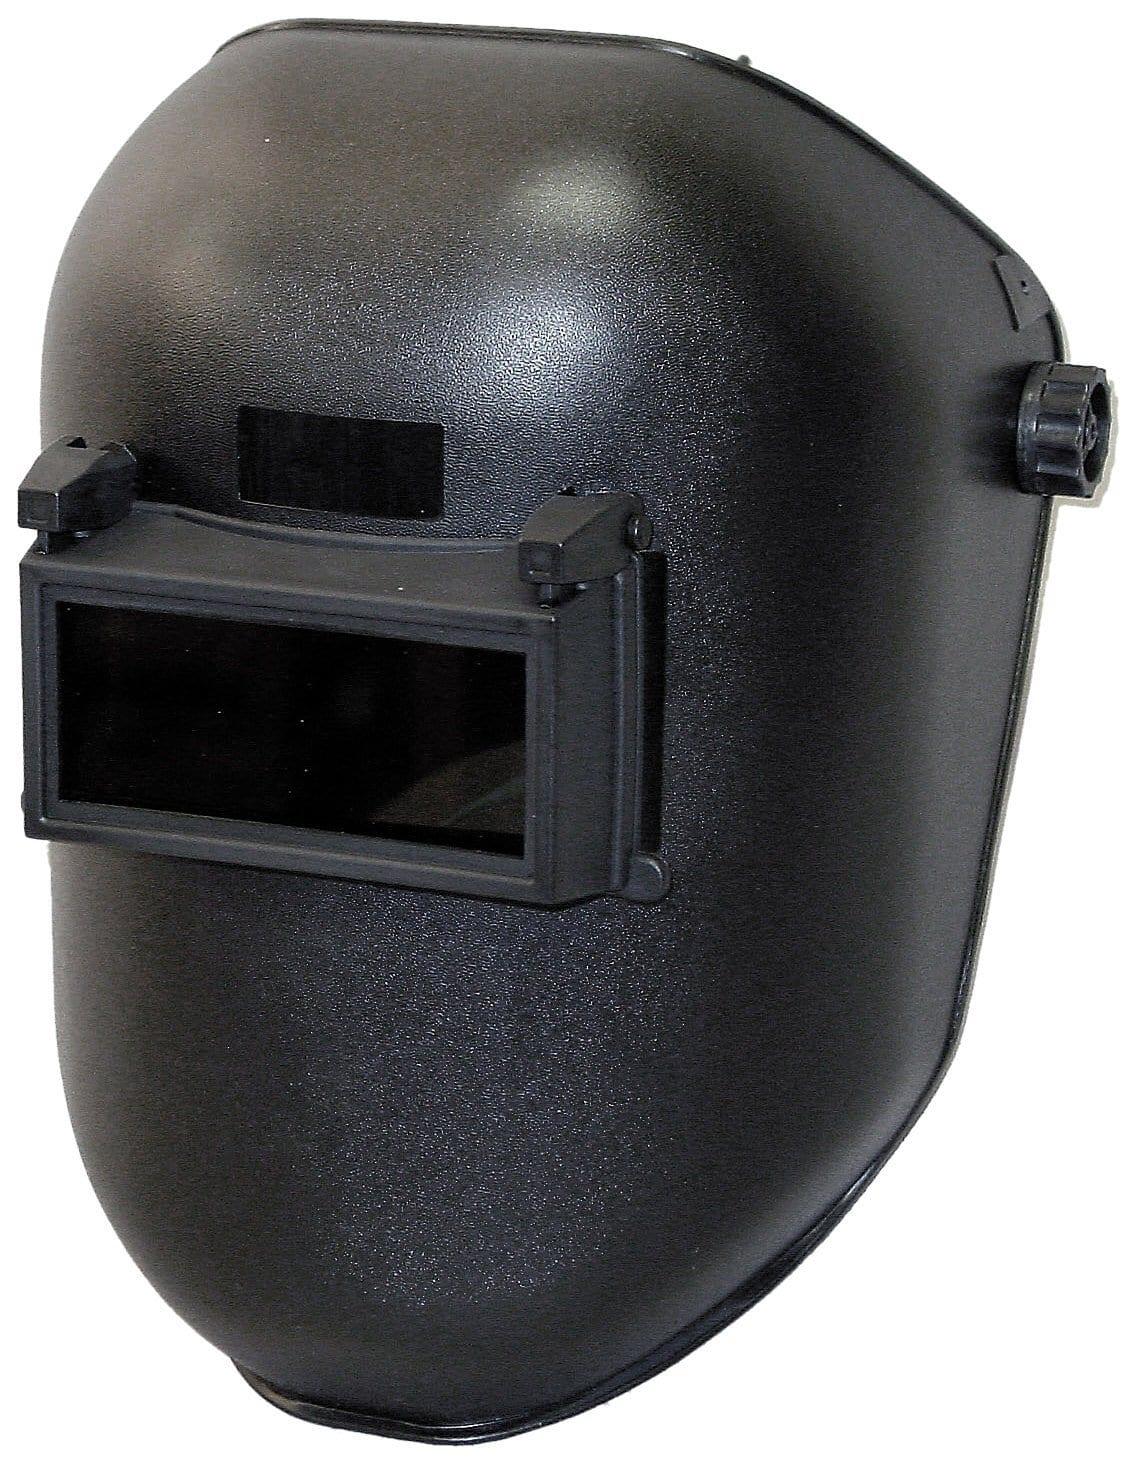 Hobart 770286 Flip Front Welding Helmet Review